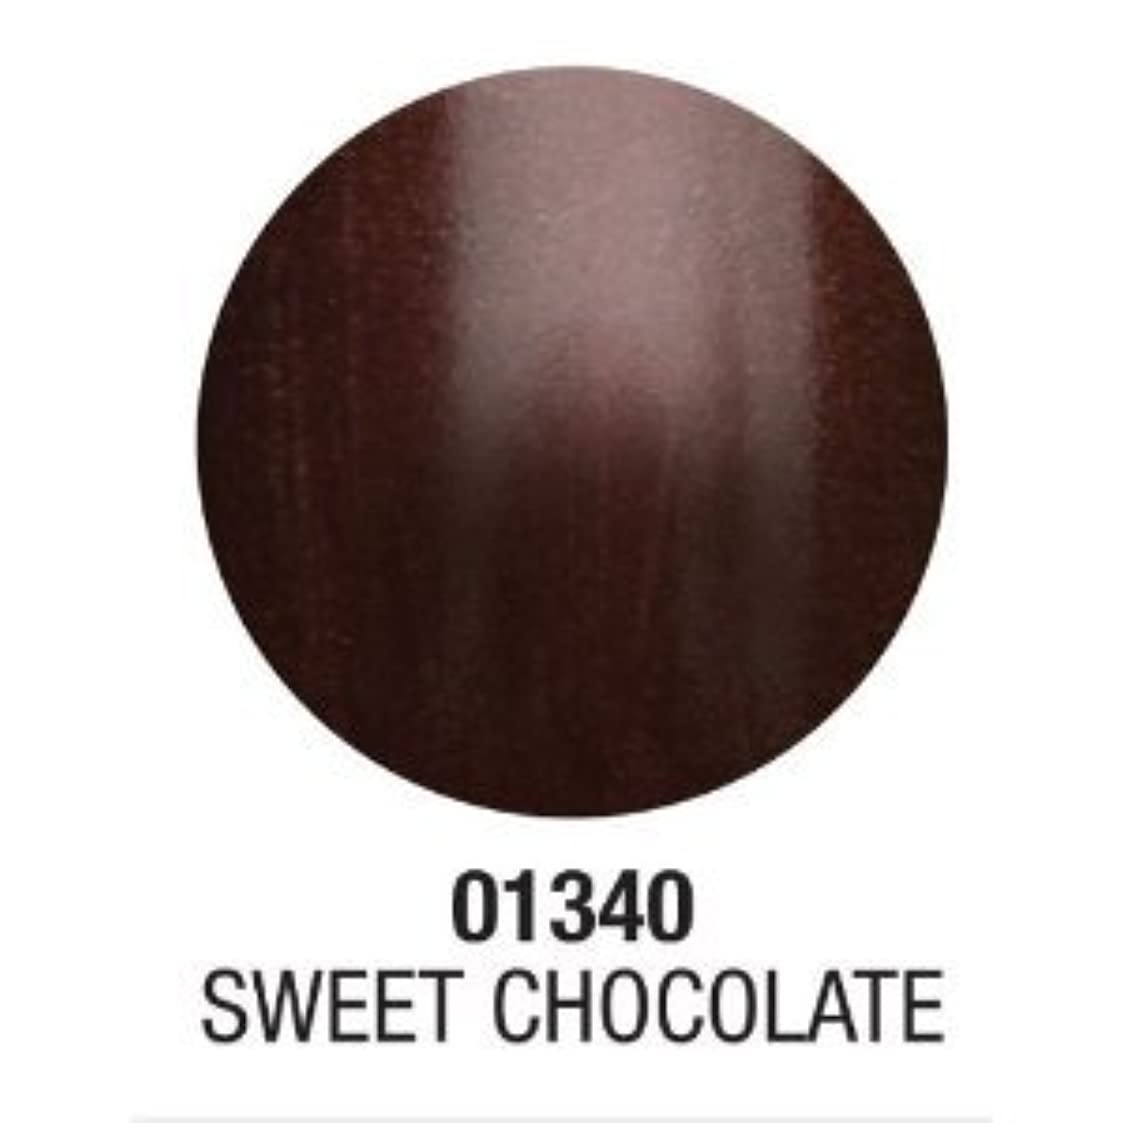 作り上げる顎絶えずハーモニー ジェリッシュ スウィートチョコレート 15ml [平行輸入品][海外直送品]